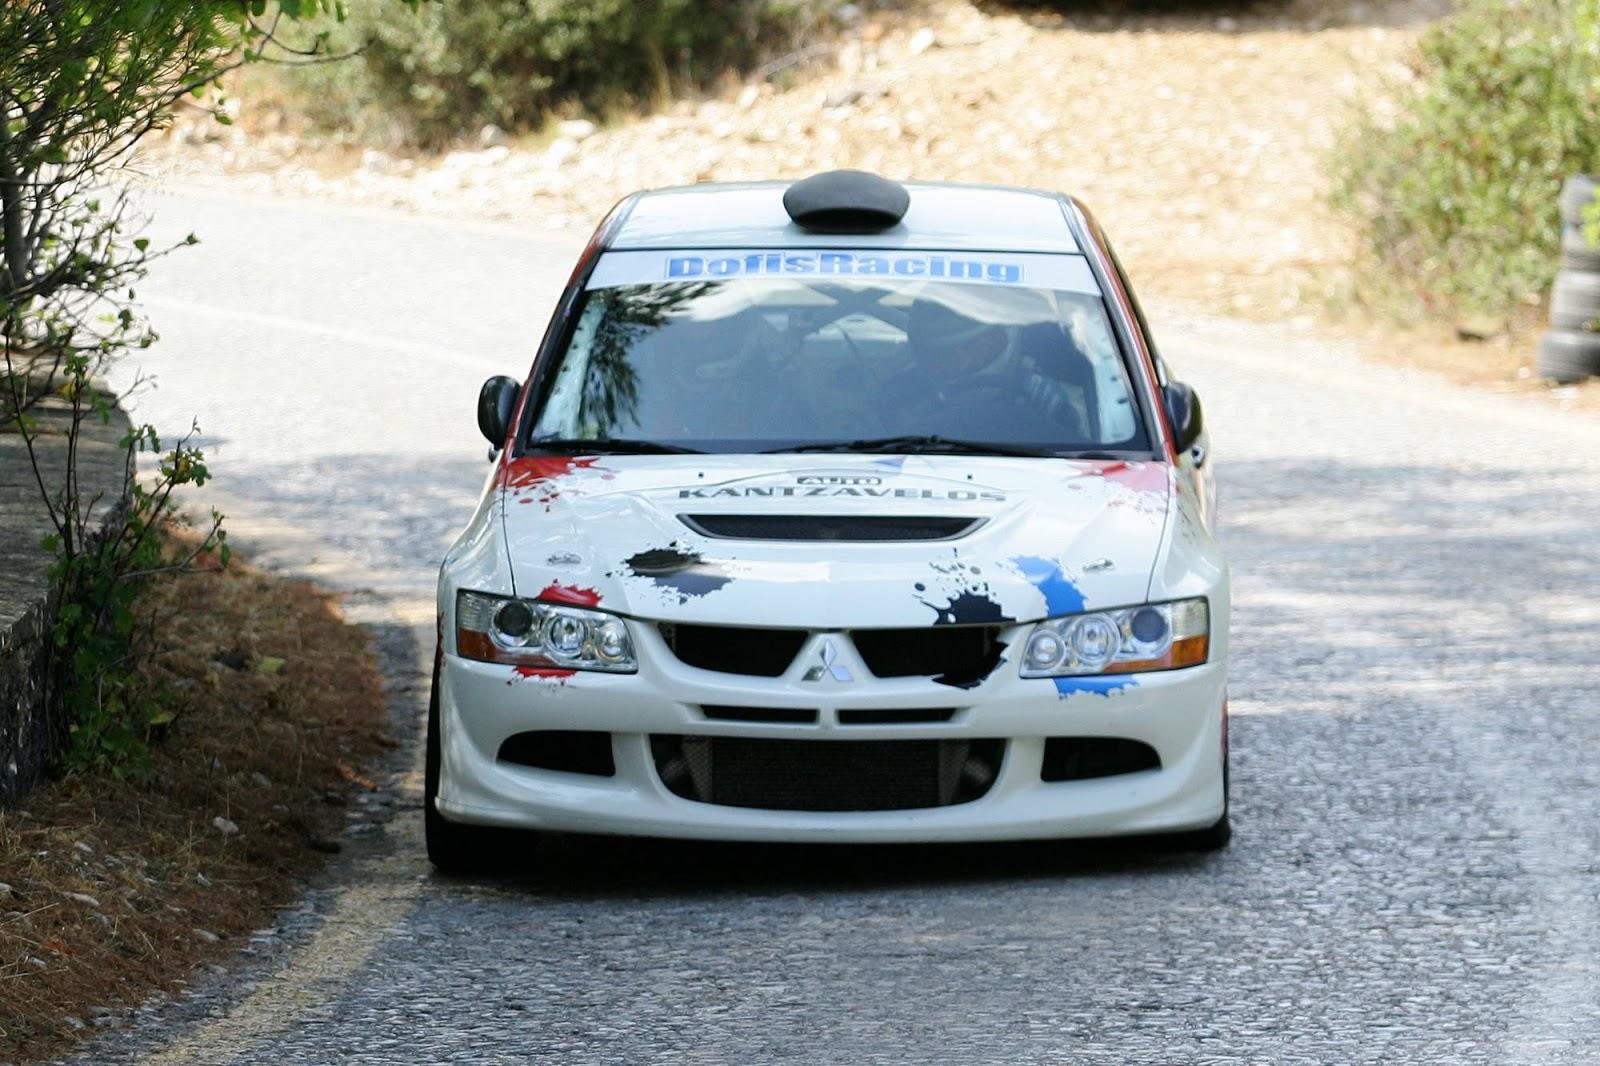 25CE259D25CF258425CF258C25CF258625CE25B725CF2582 25CE25A425CF258325CE25B125CE25BF25CF258D25CF258325CE25BF25CE25B325CE25BB25CE25BF25CF2585 Ολοκληρώθηκε το 4ο Athens Rally Sprint με νικητή τον Πλάγο με Honda Civic Type-R